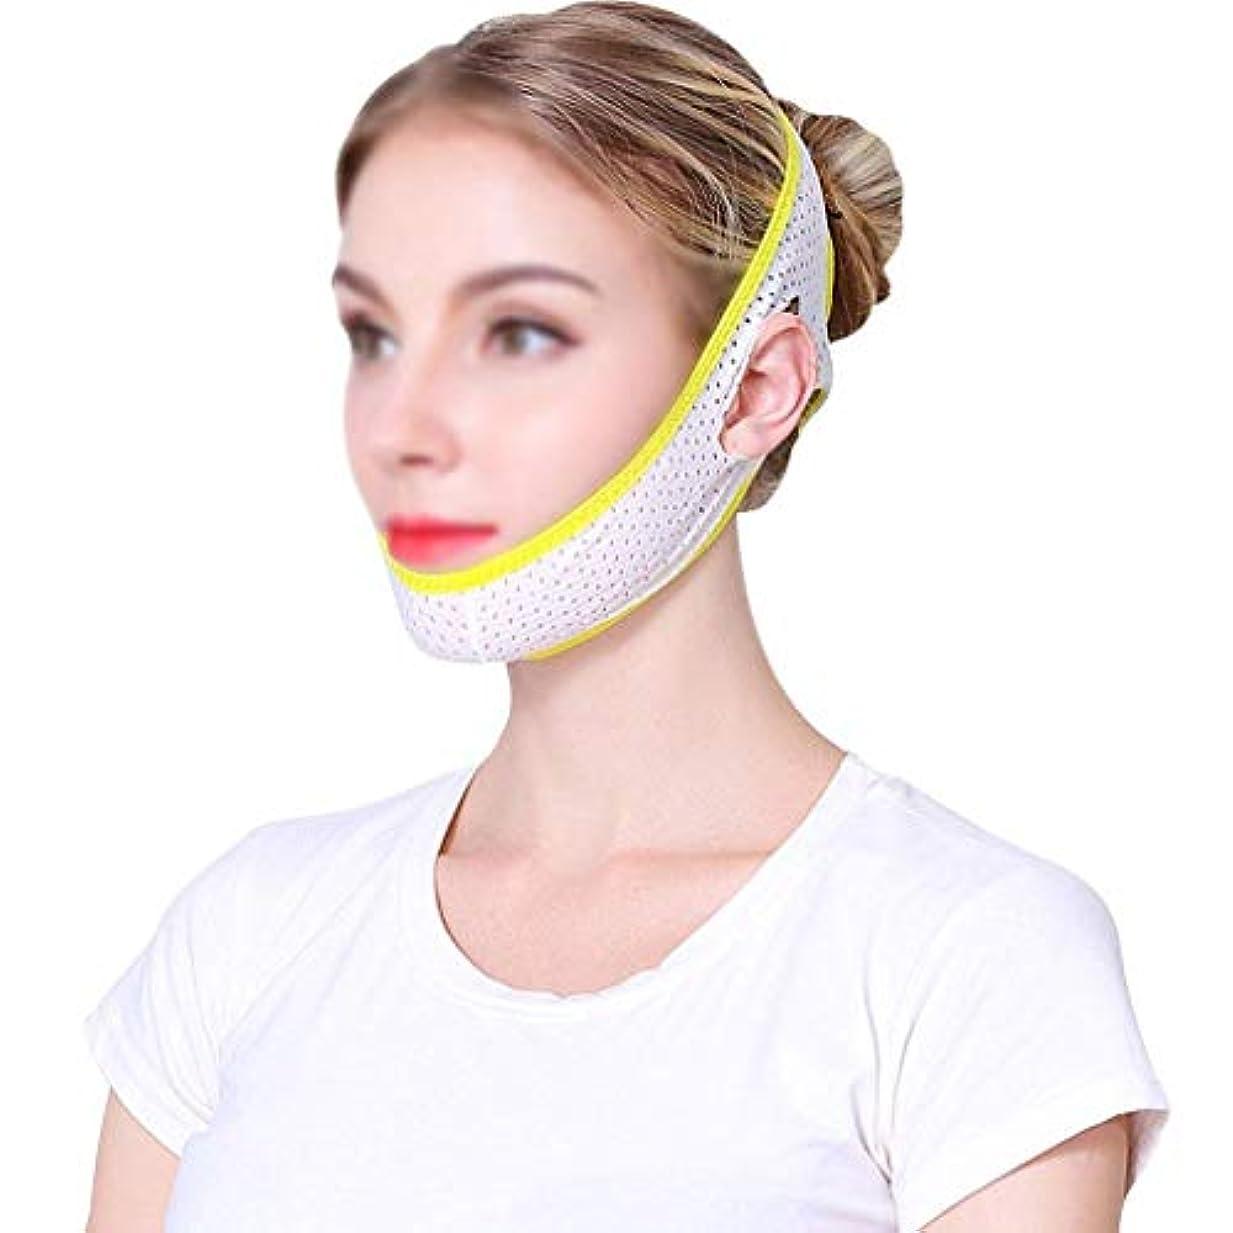 個人的に針添付マスク、包帯、整形外科の夏の通気性の薄いセクション二重あごひものVの表面の薄いフェイスマスクを持ち上げて下さい